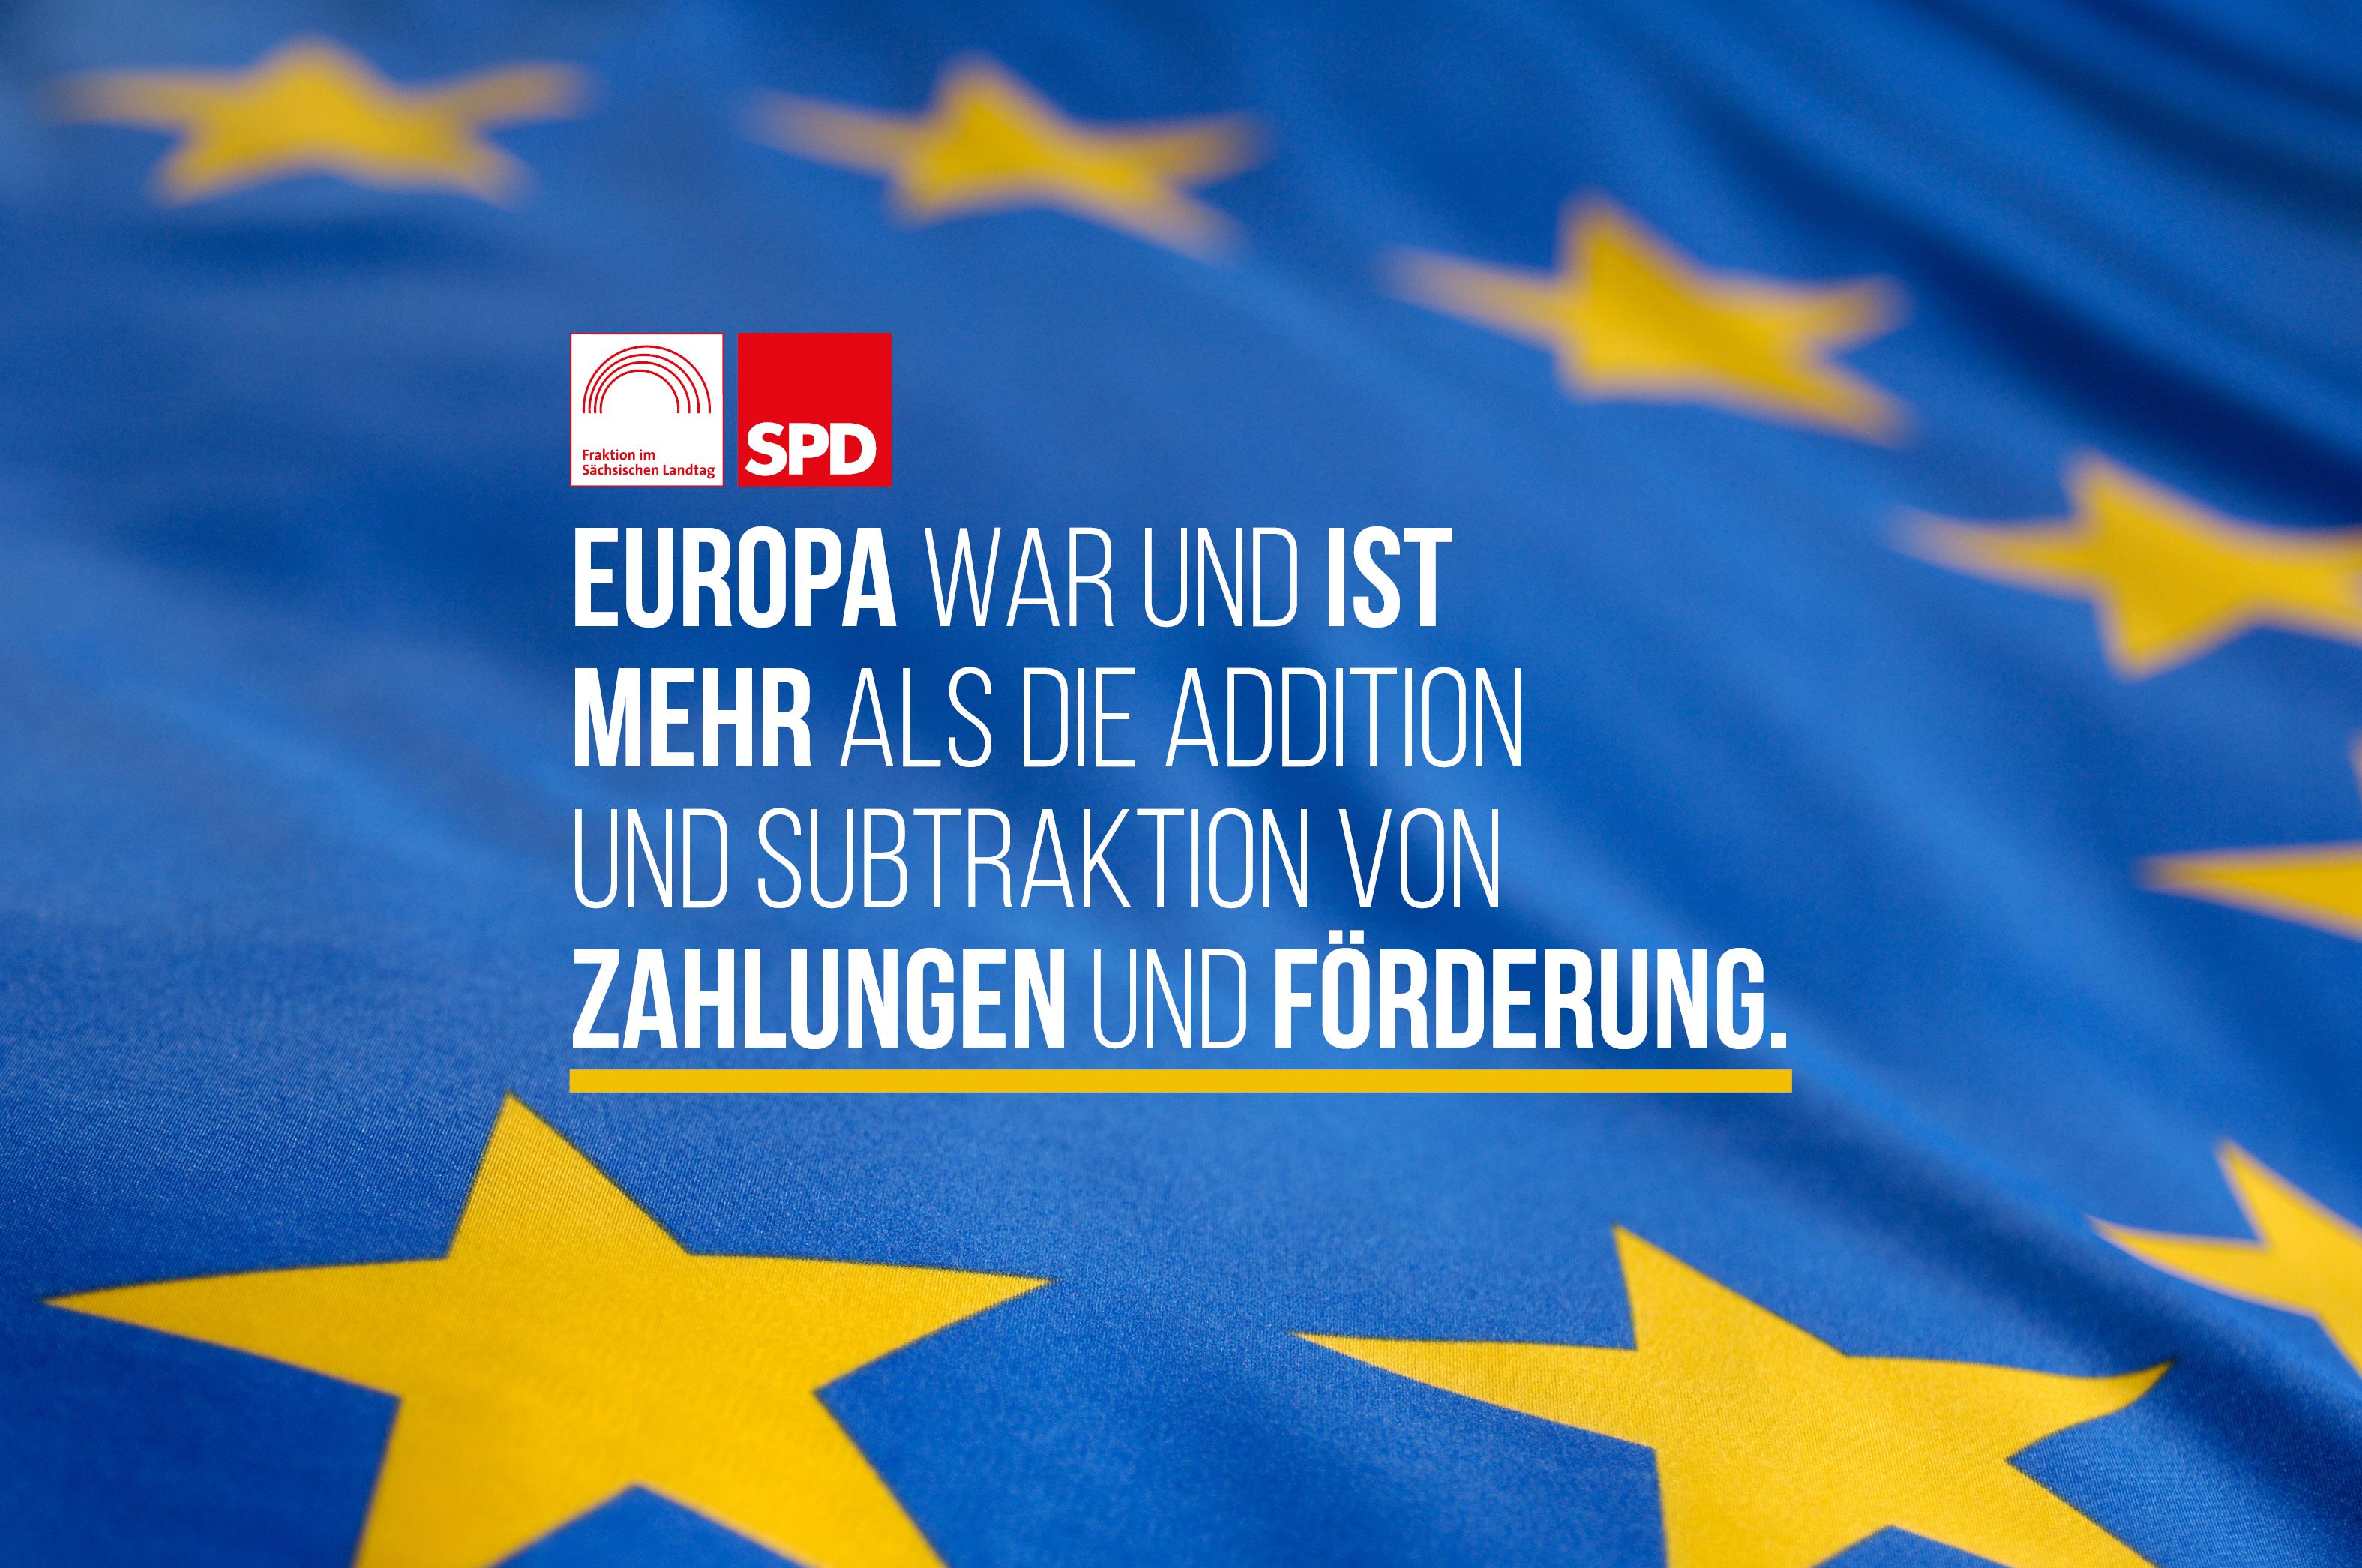 Mann: Europa ist eine Wertegemeinschaft – das müssen wir wieder zeigen!